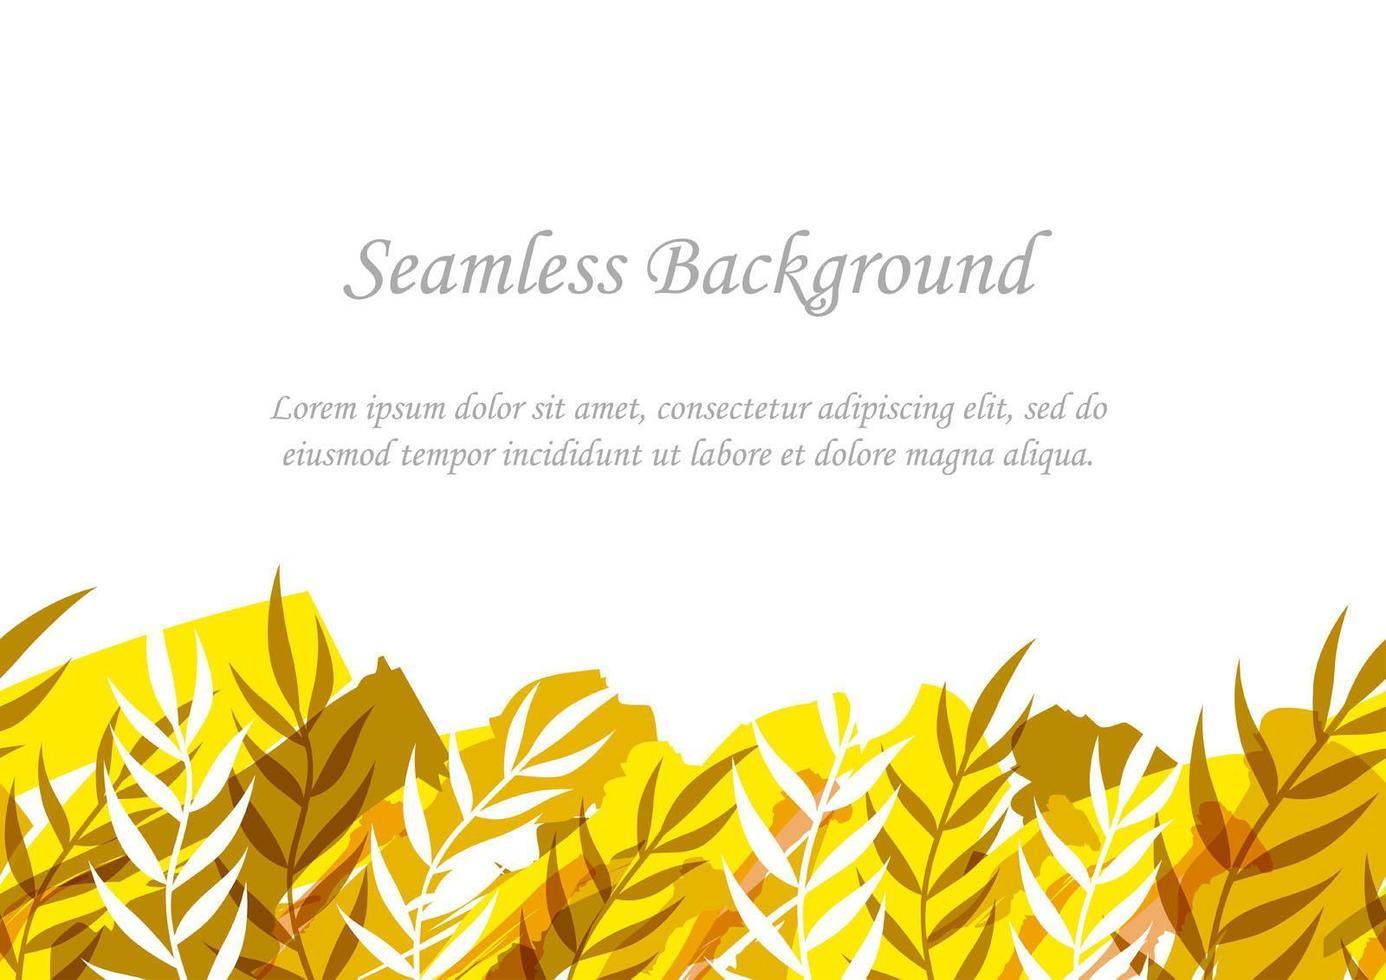 sömlös gul och brun botanisk bakgrund med textutrymme vektor